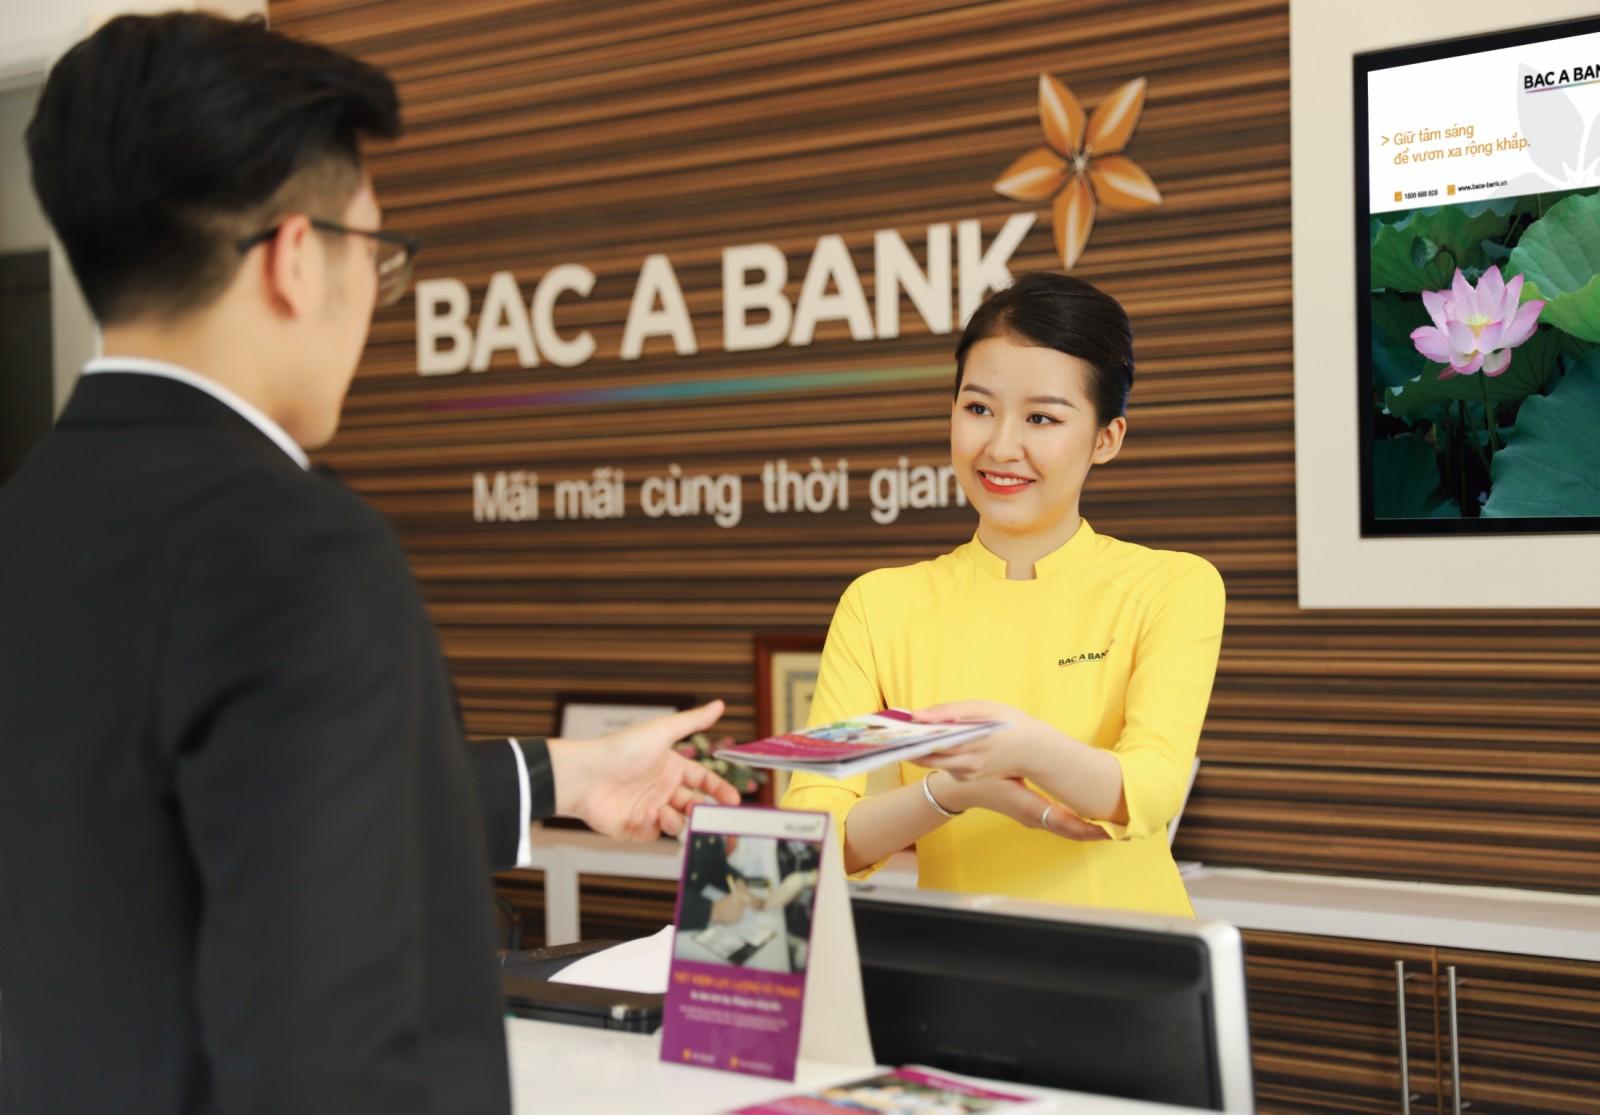 Ngân hàng Bắc Á triển khai cùng lúc nhiều hoạt động hỗ trợ khách hàng doanh nghiệp. Ảnh: Ngân hàng Bắc Á.